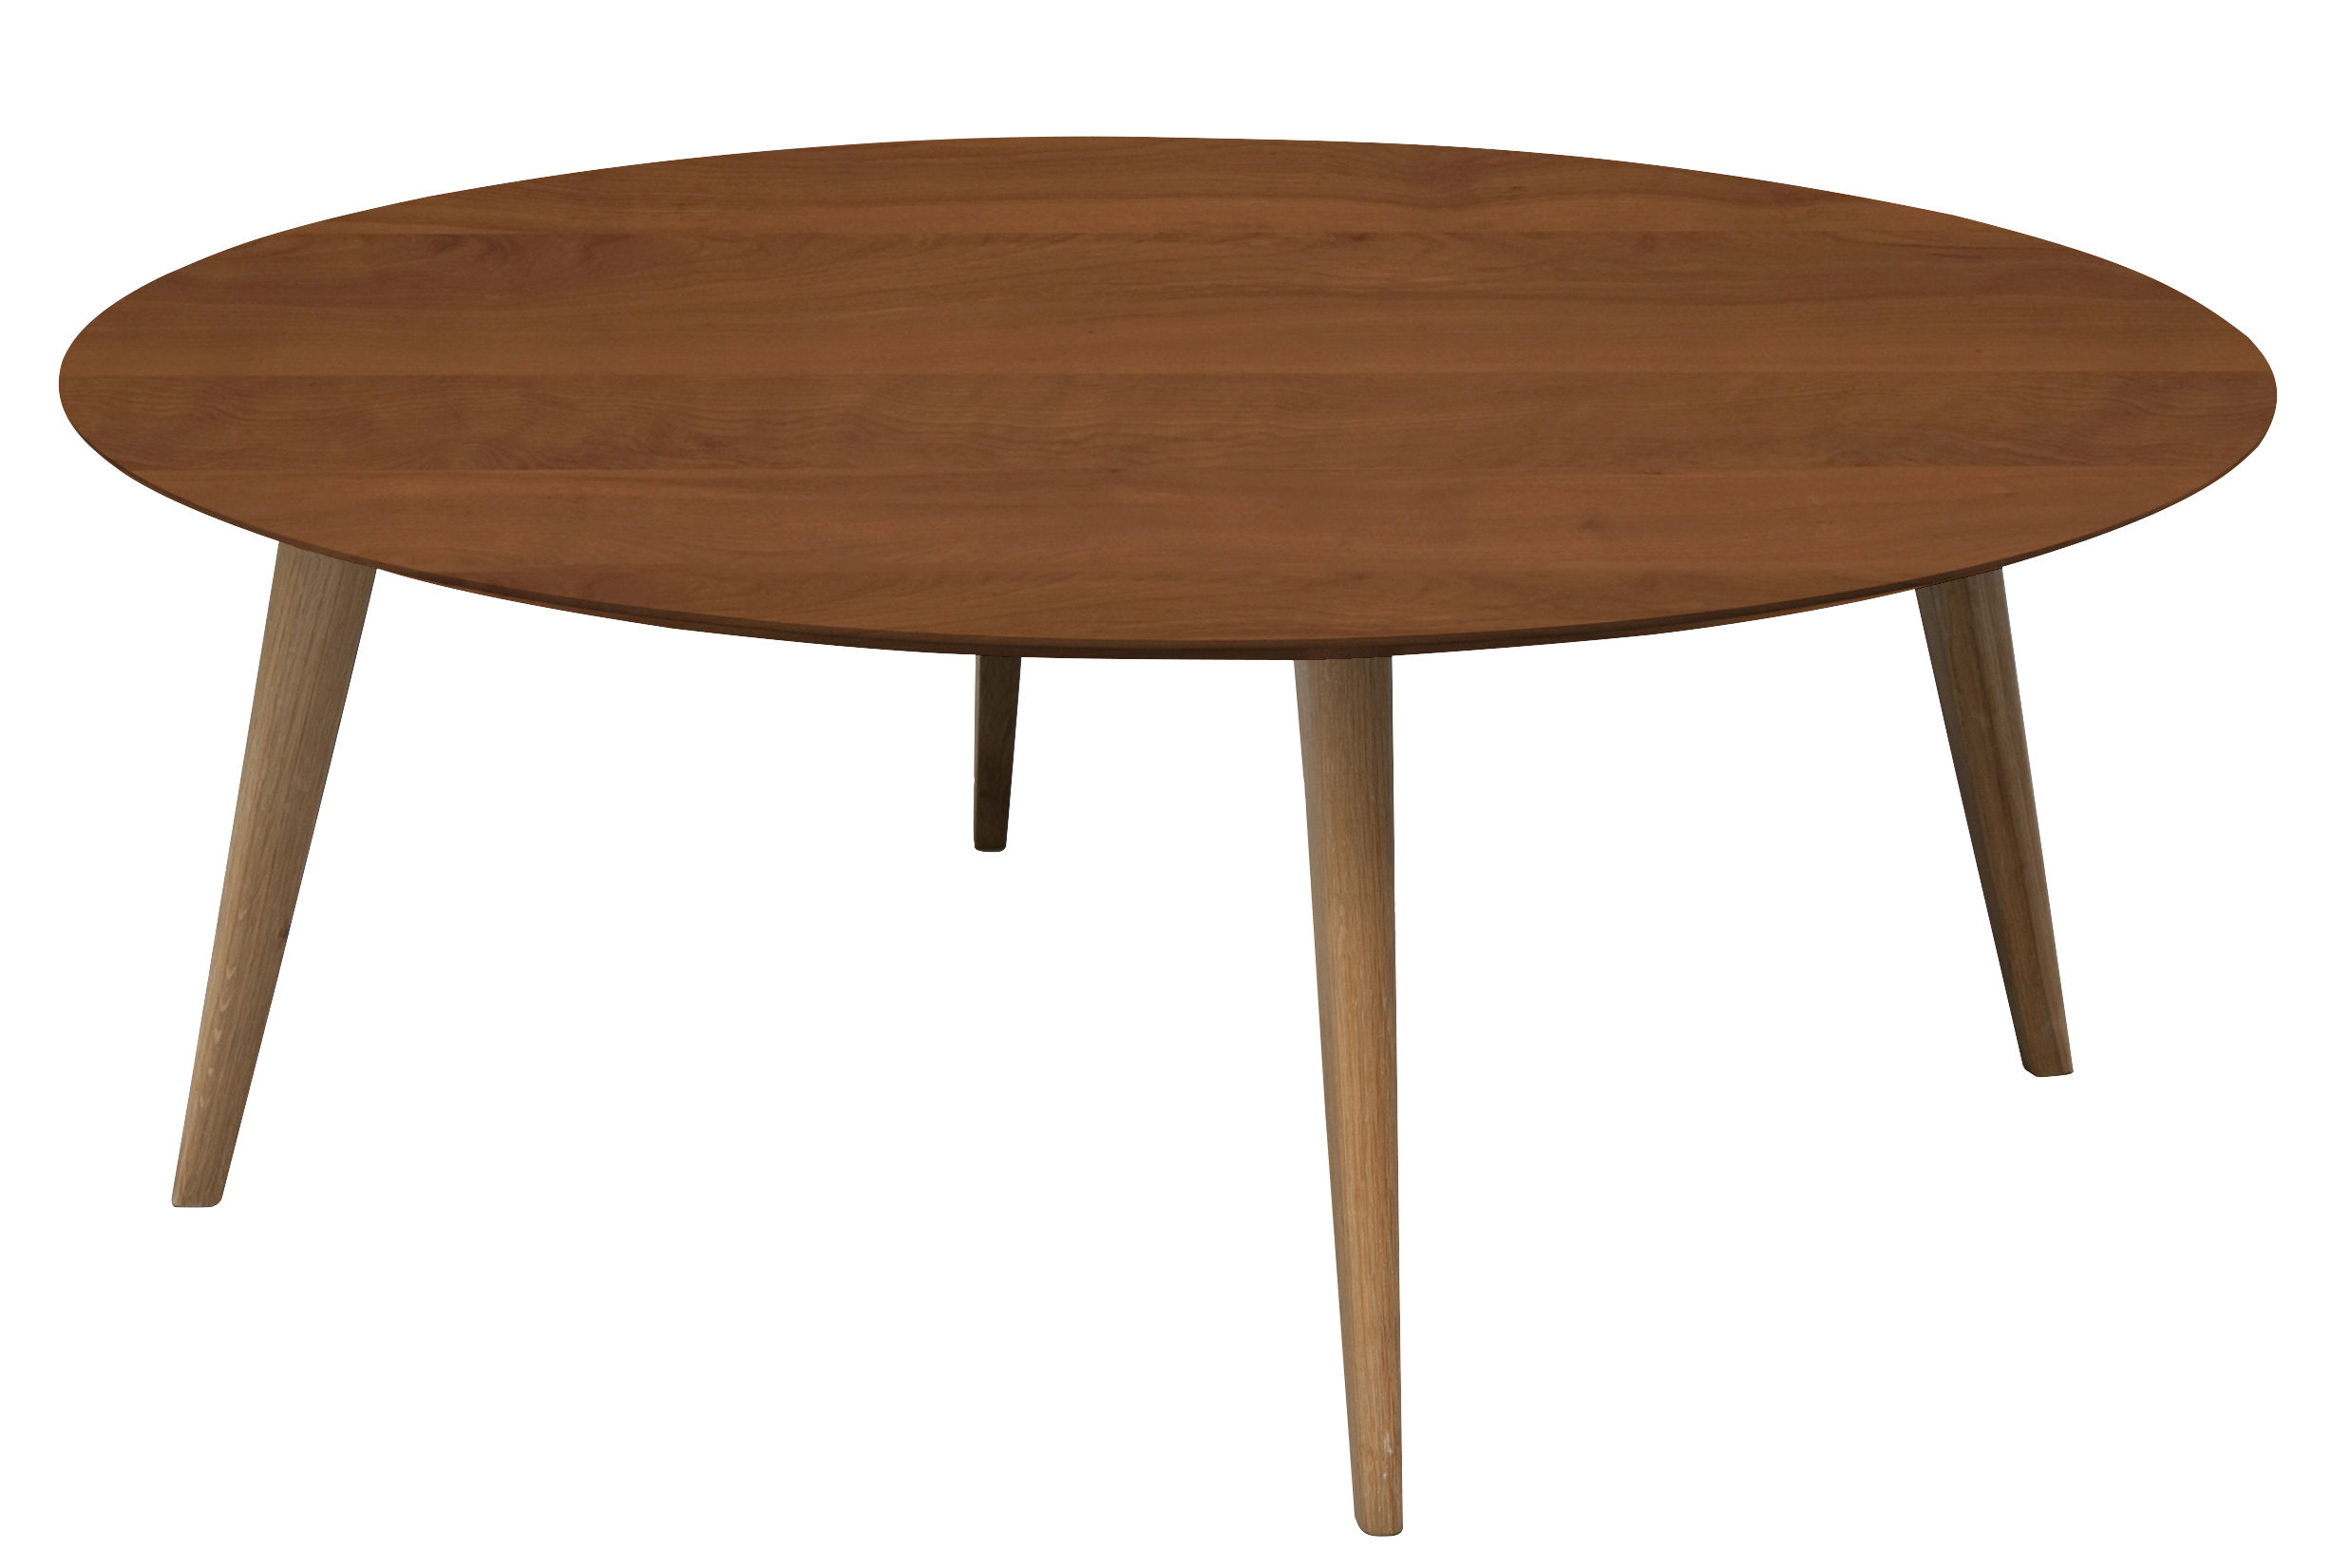 Table basse lalinde ronde sentou edition bois naturel made in design - Sentou table basse ...